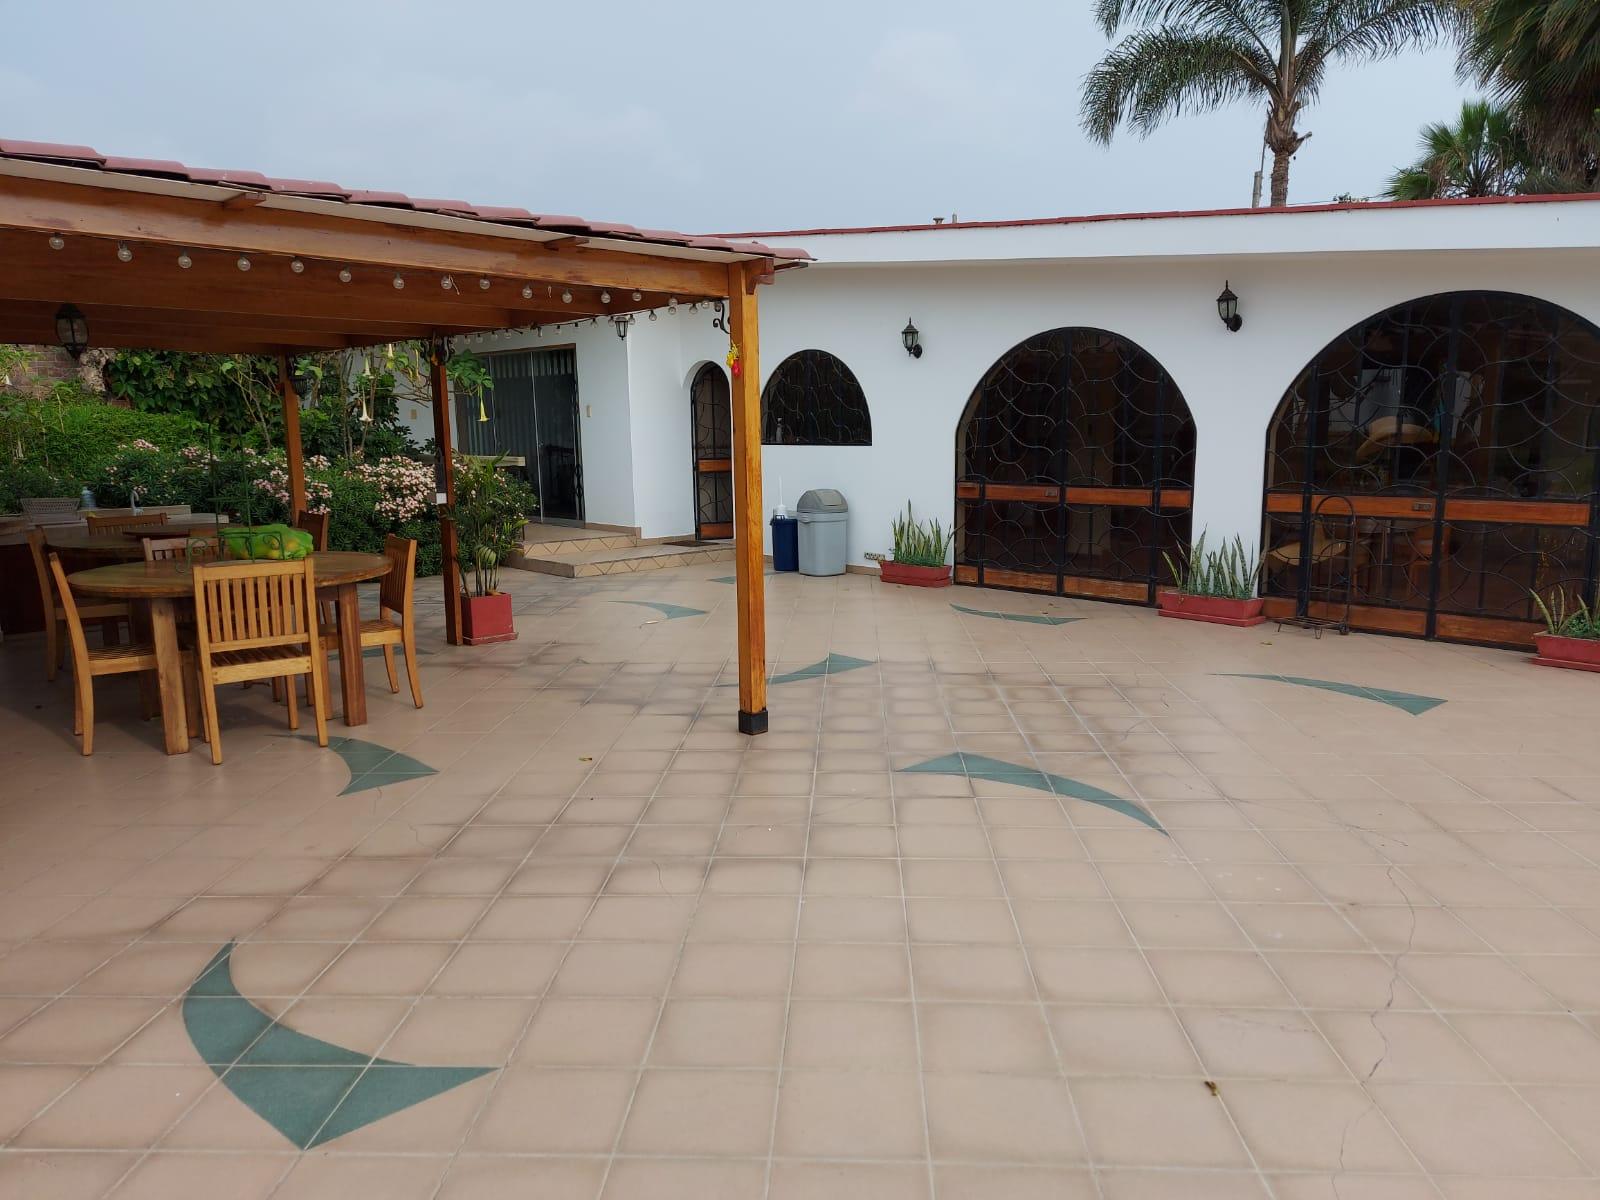 casa hacienda chilca 5